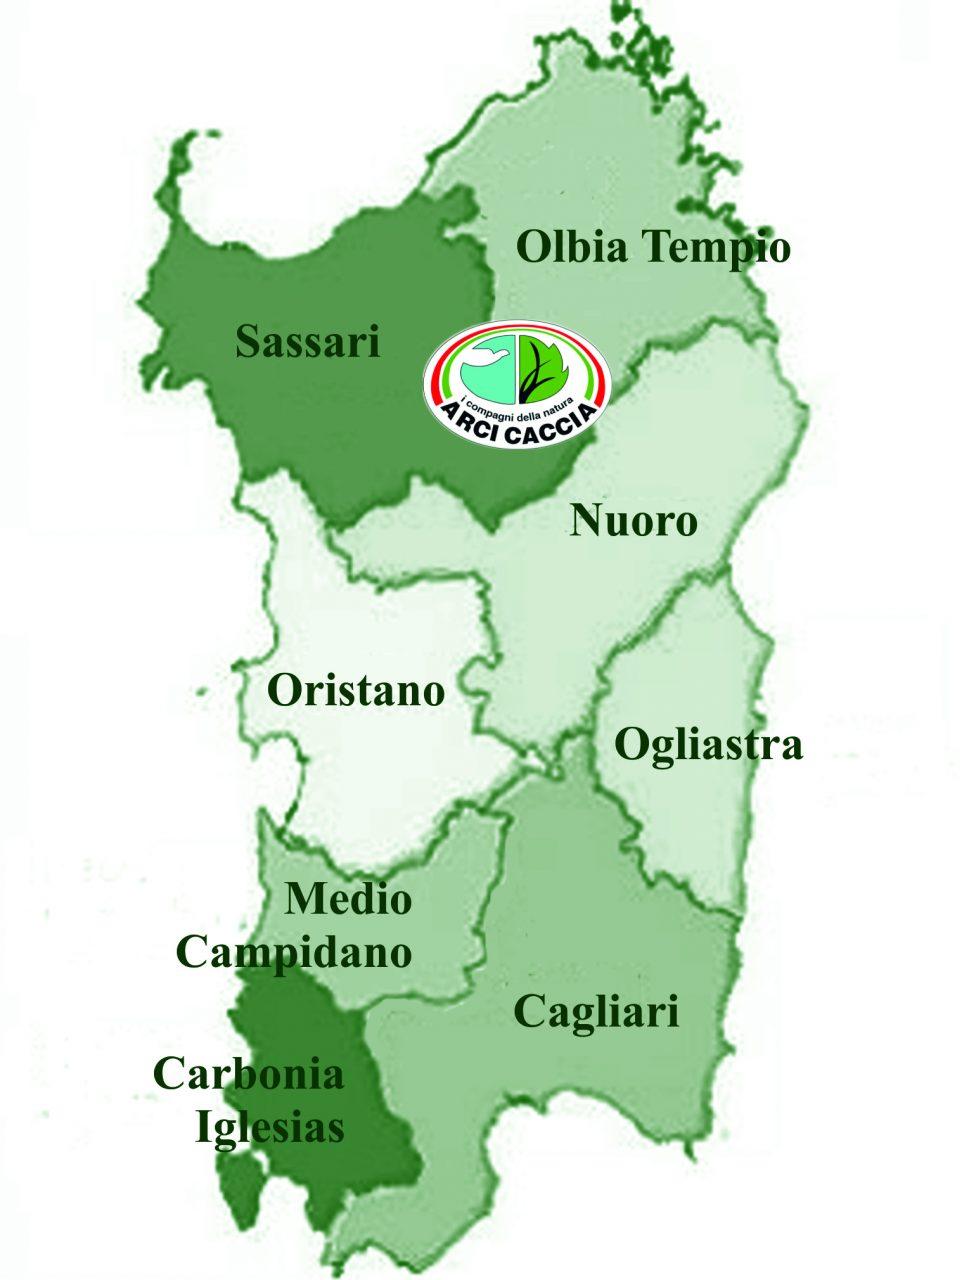 Calendario Venatorio 2020 Campania.Sardegna Cacciatori Favorevoli Al Nuovo Calendario